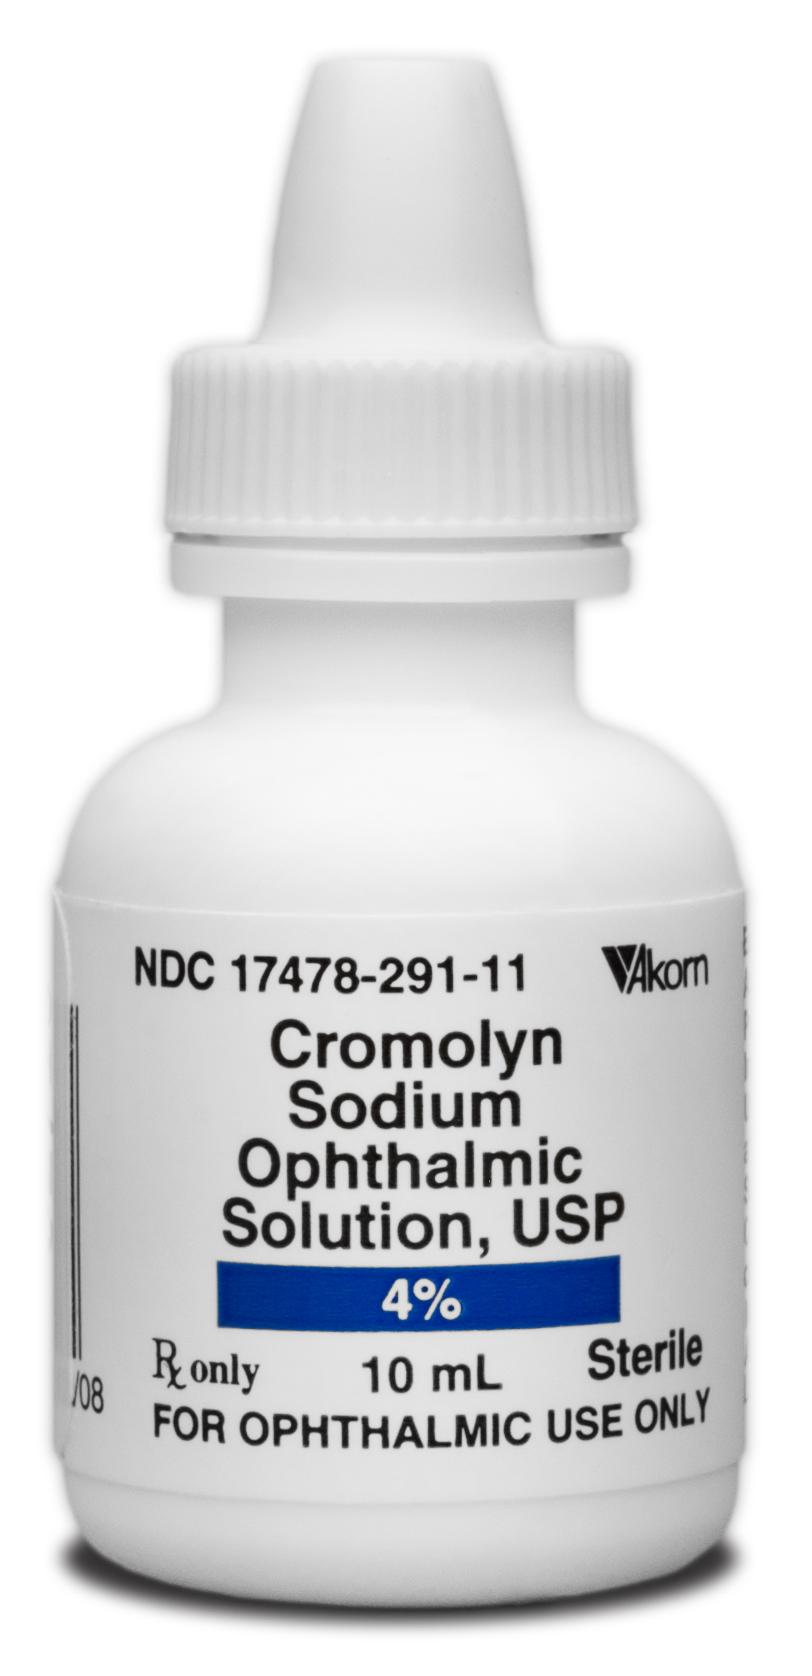 كرومولين سدیم Cromolyn Sodium